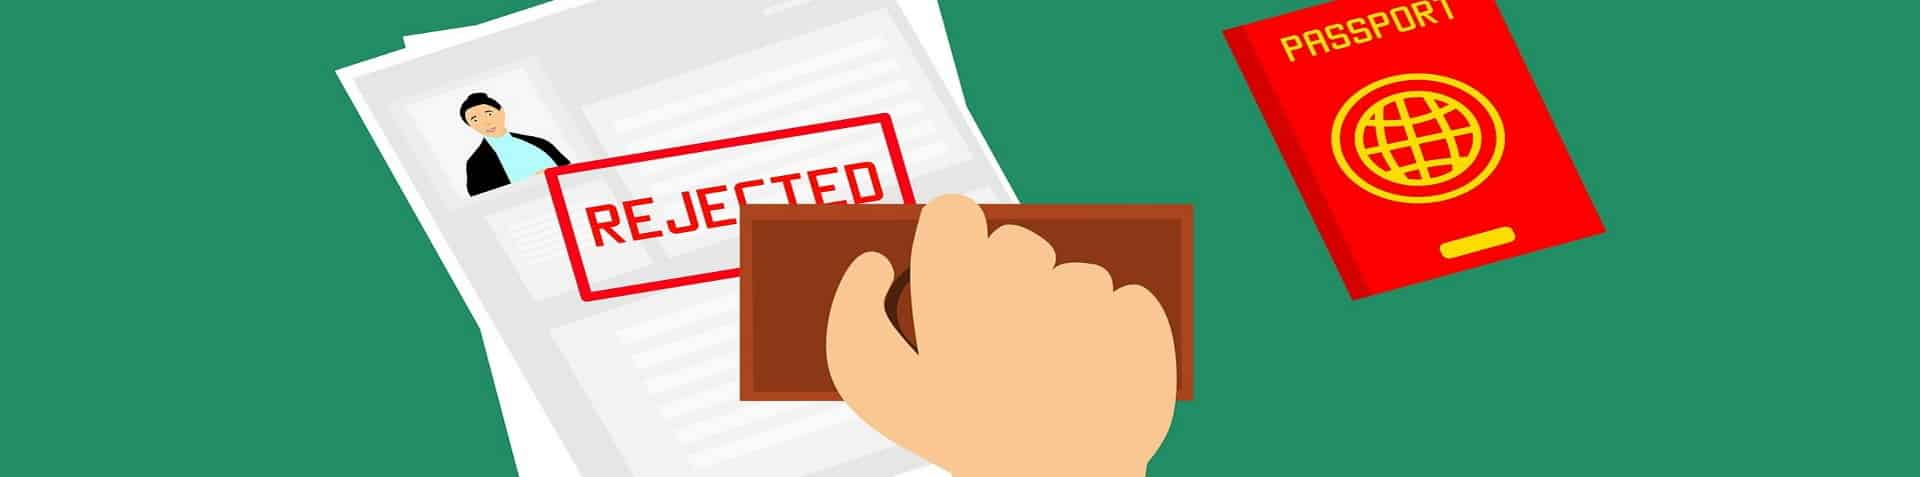 Rechtsanwalt Visum Grafik Stempel abgelehnt